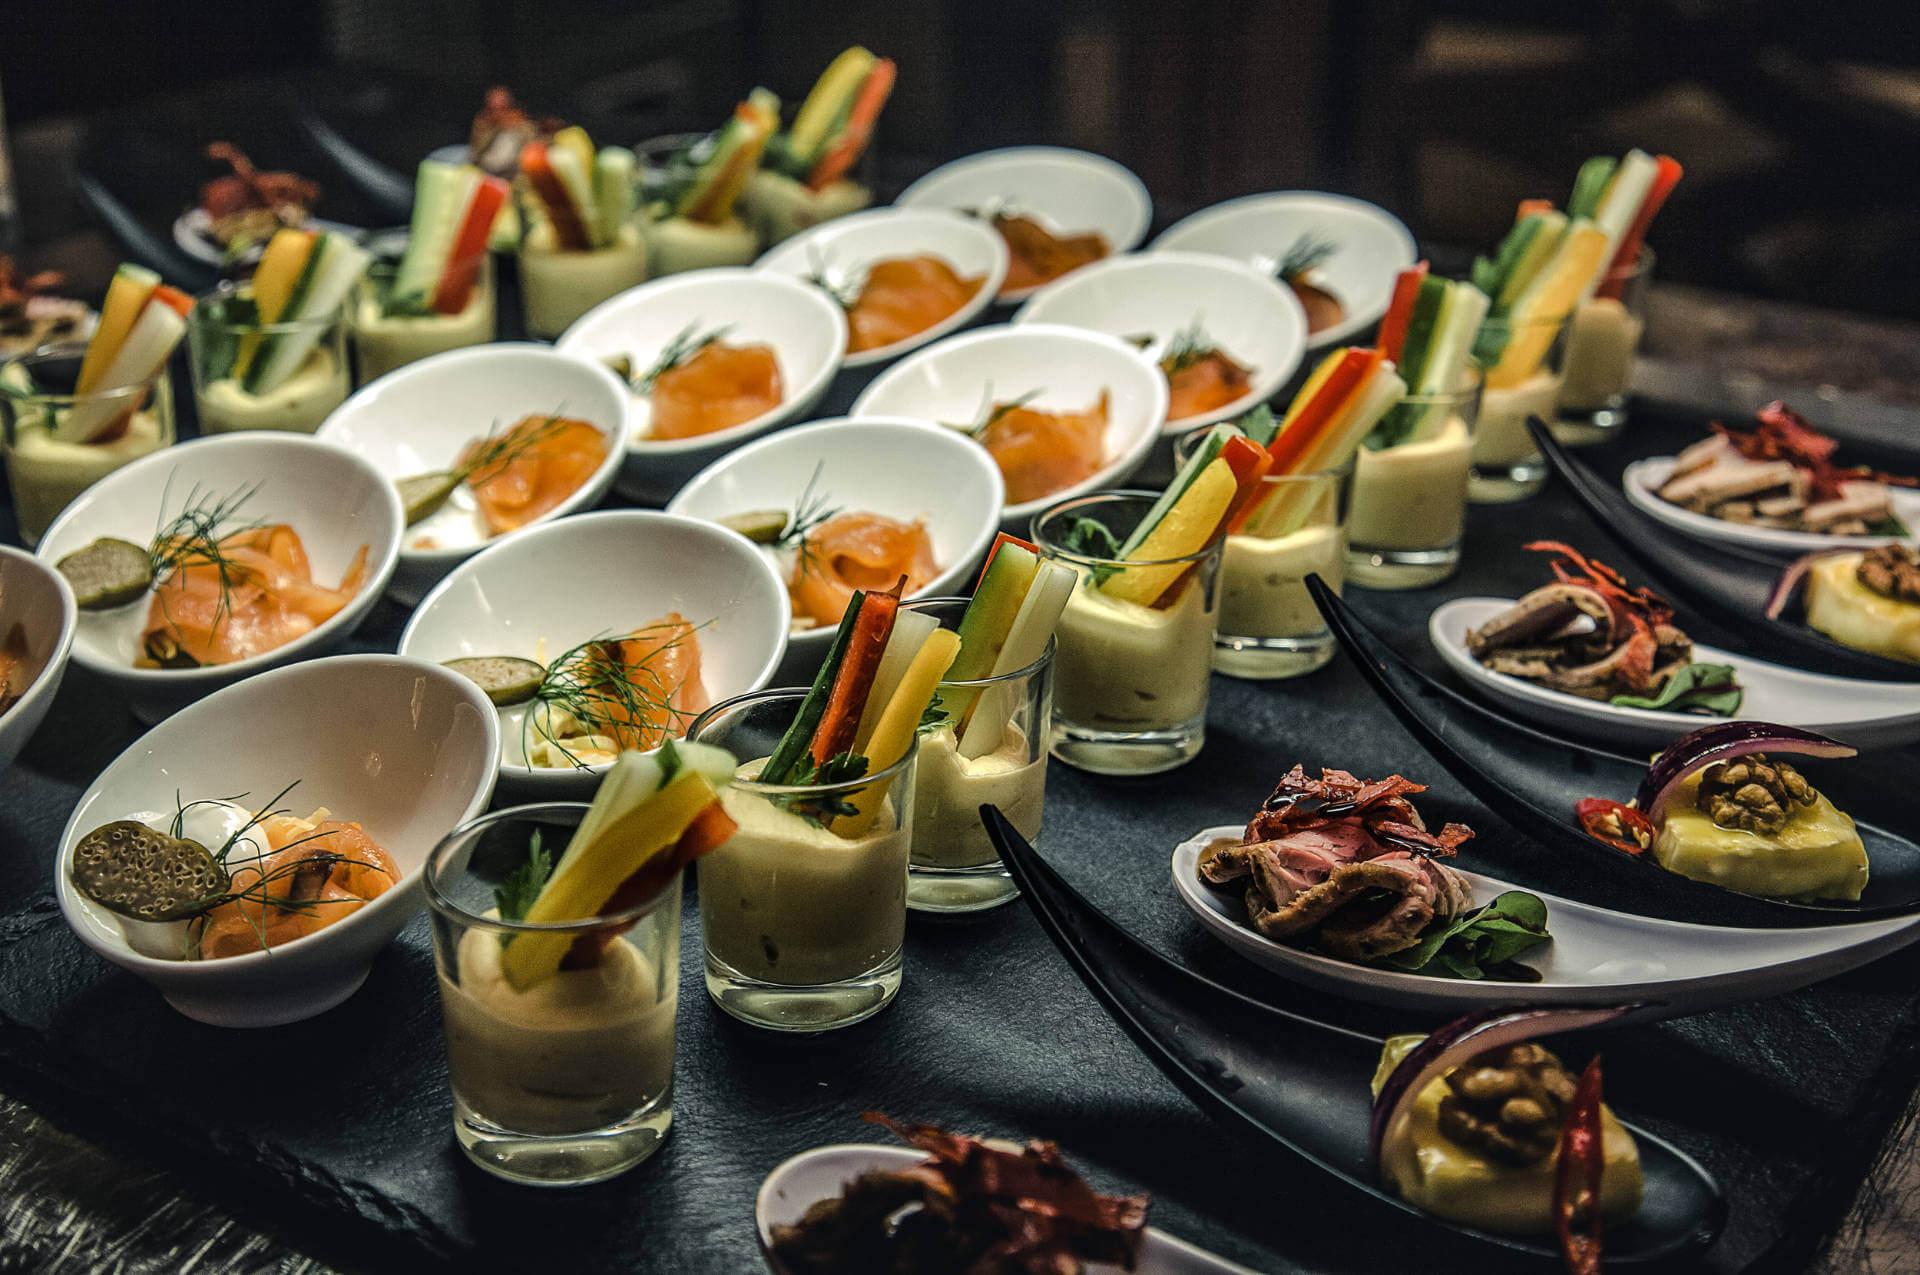 Hotelová reštaurácia Kaskady - gastronómia